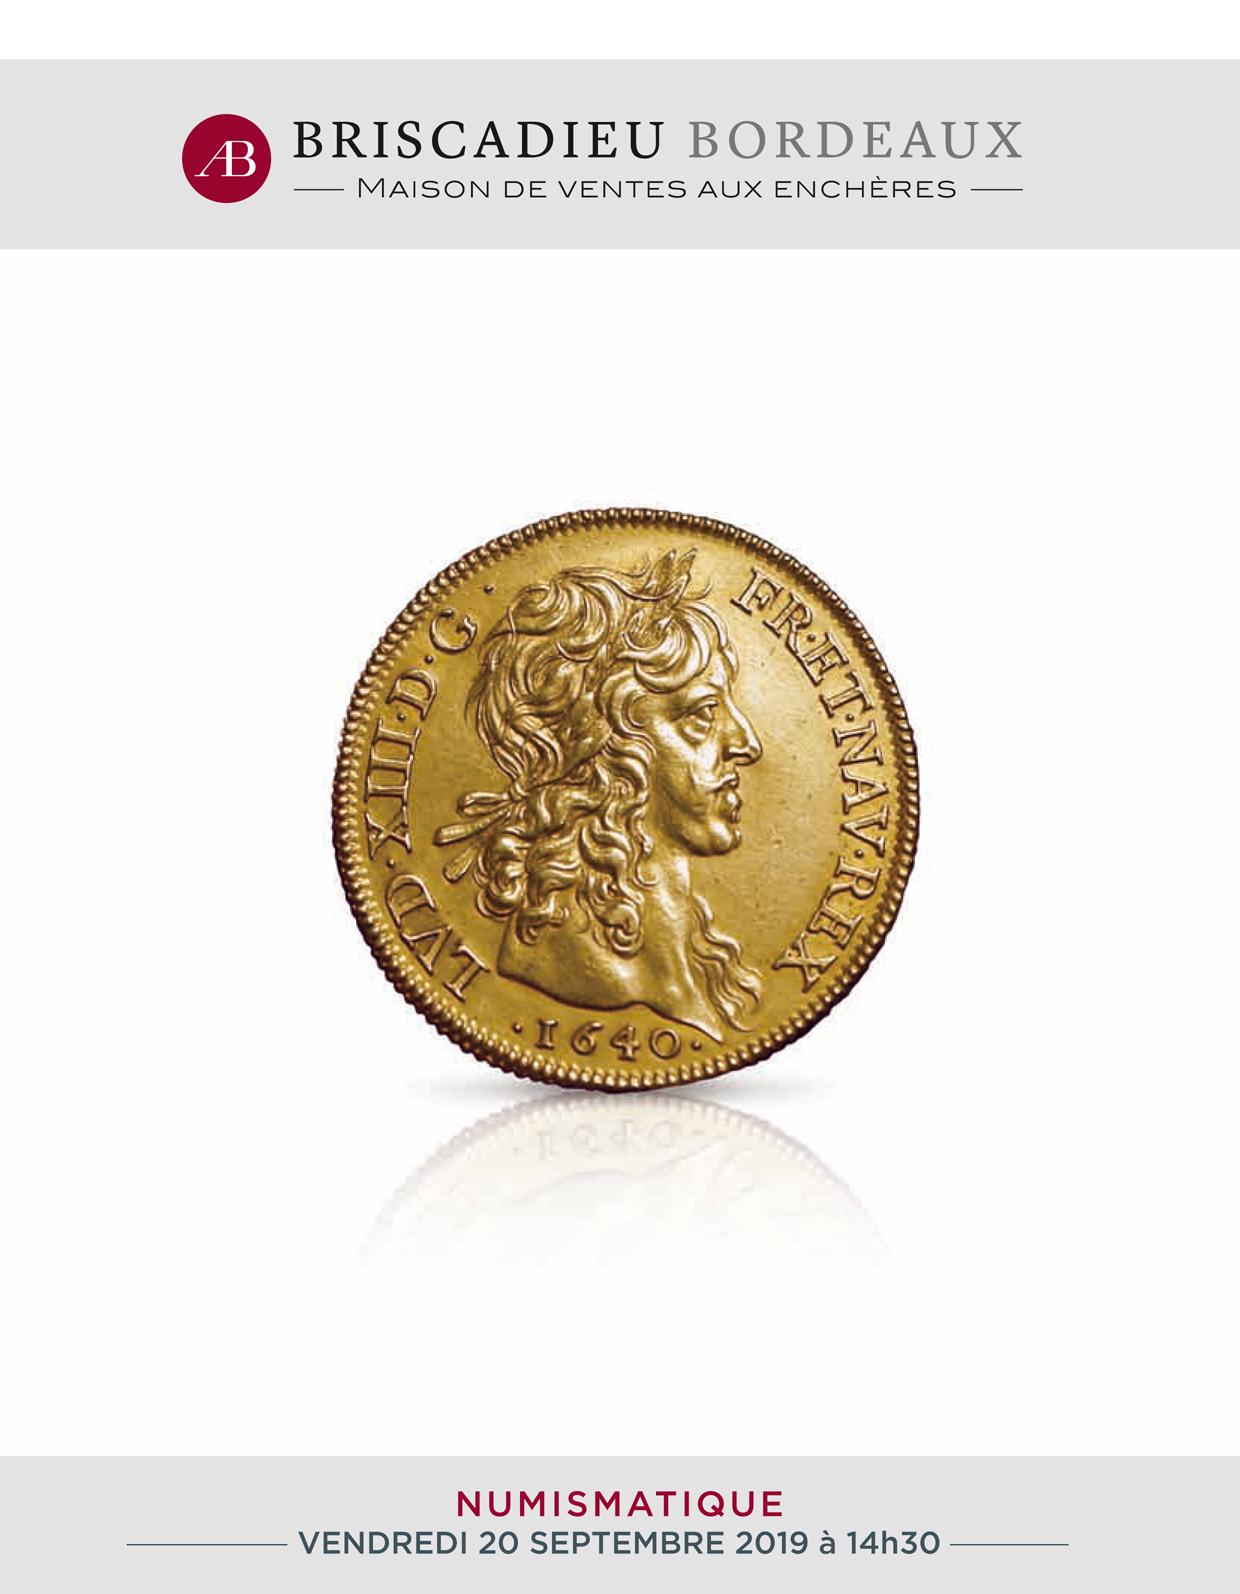 Vente Numismatique chez Briscadieu Bordeaux : 192 lots